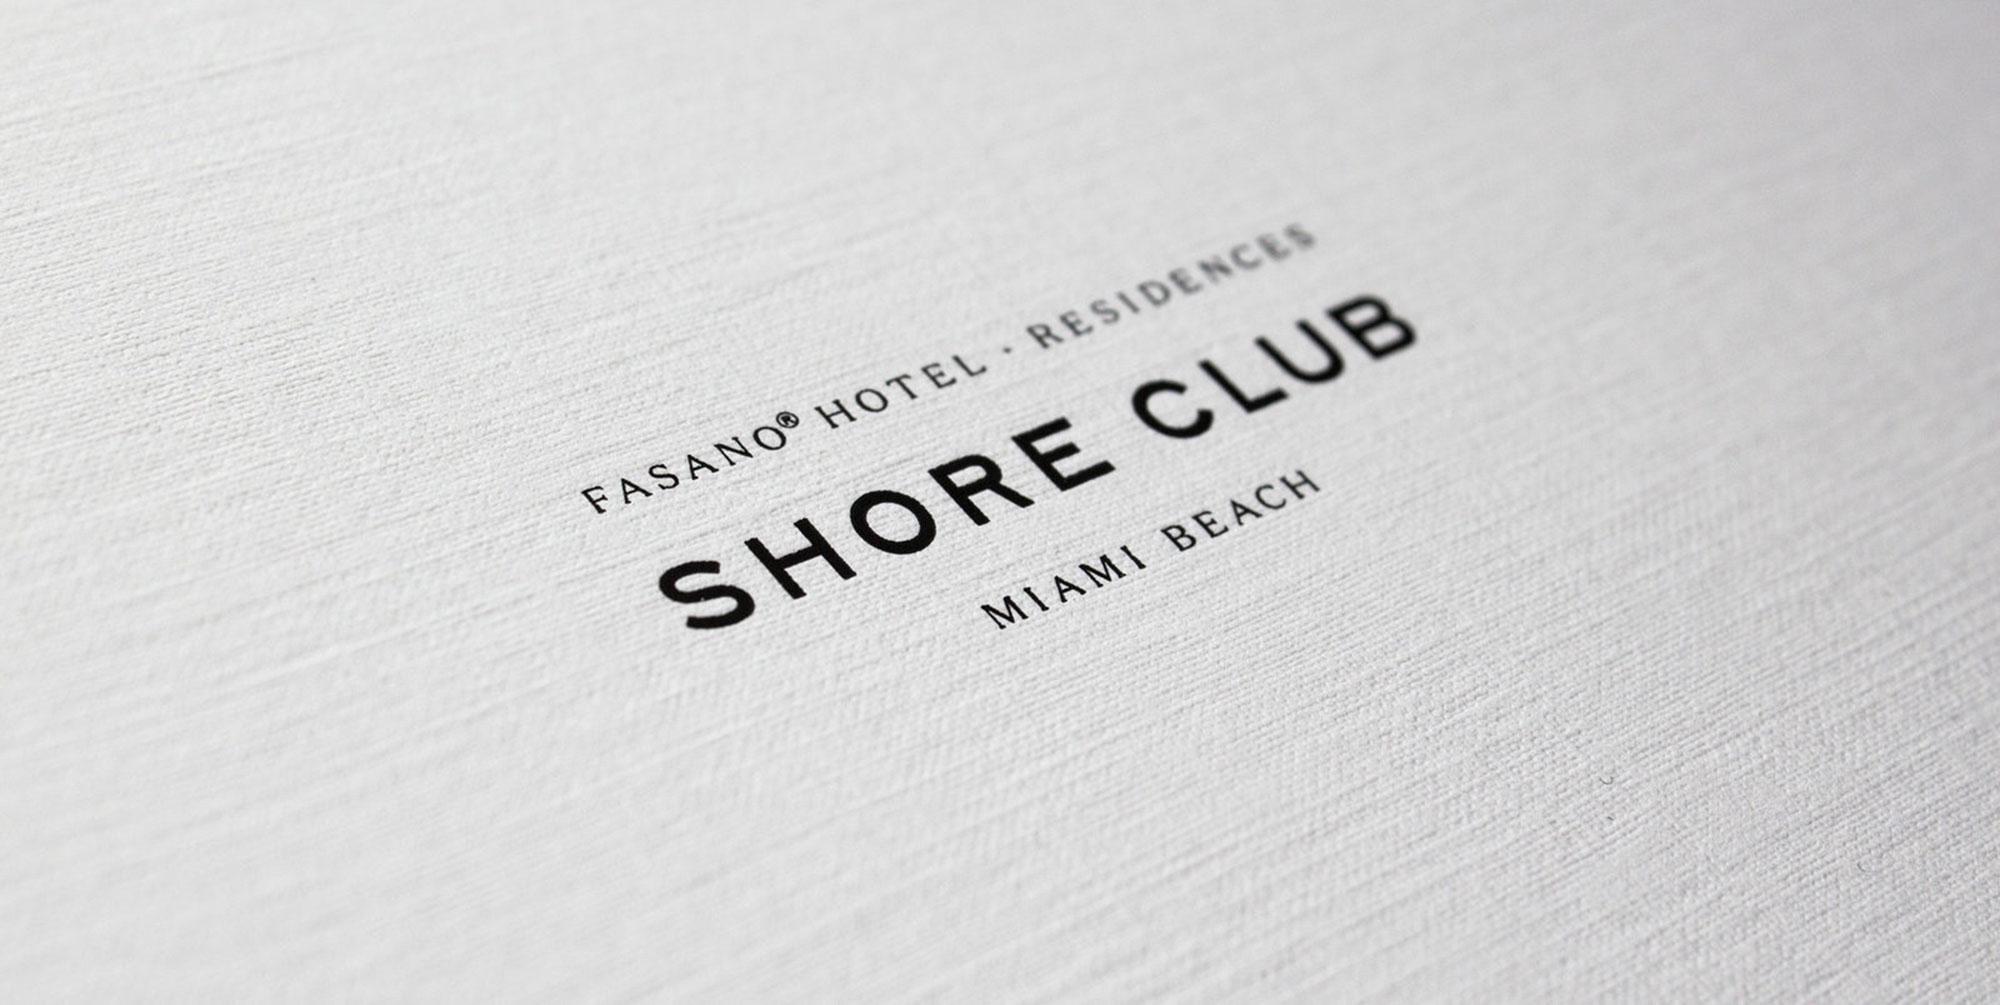 Identity Design for The Shore Club